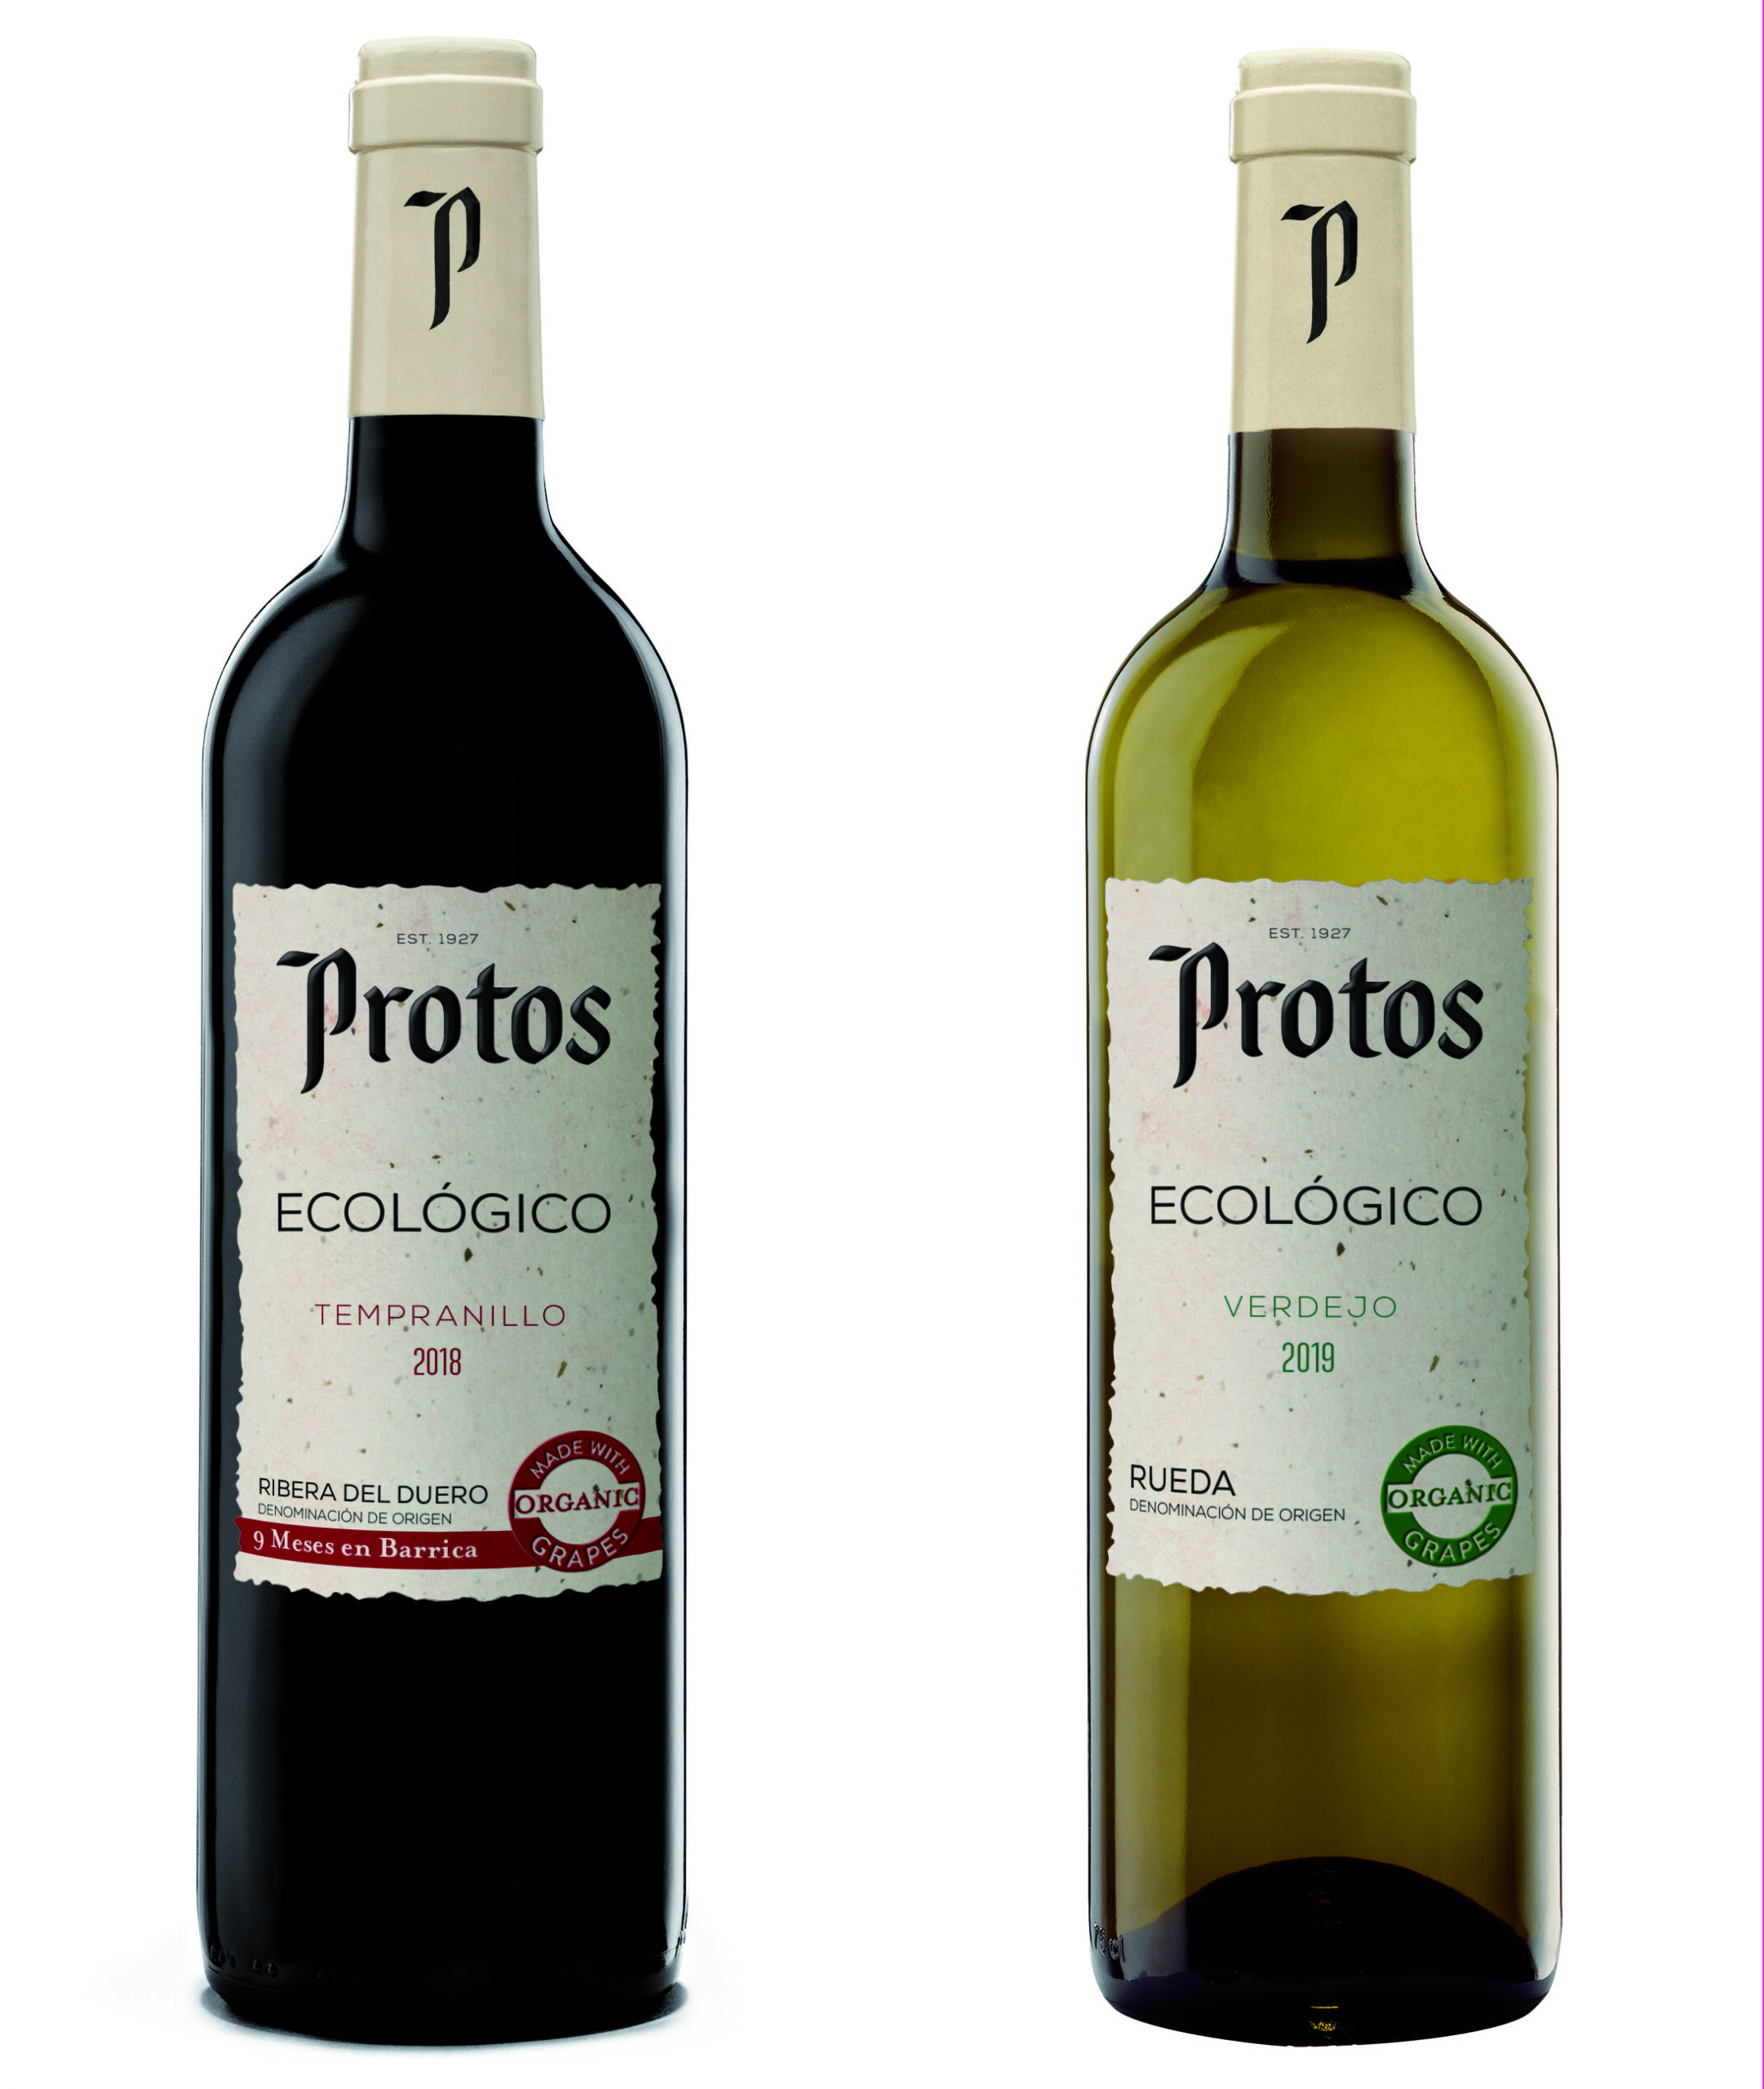 Gama ecológica de Protos